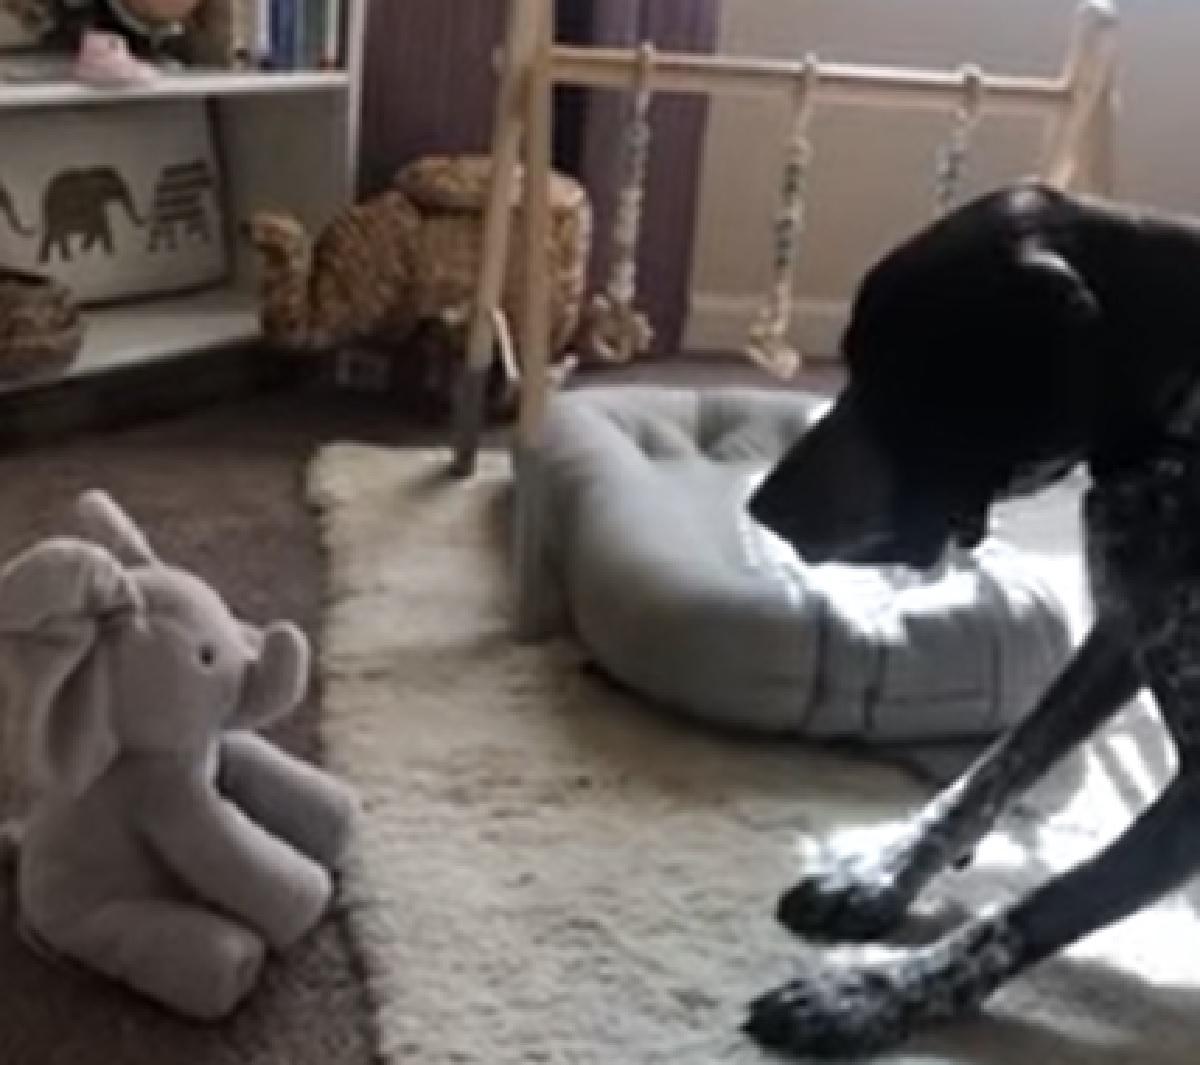 Il cucciolo Bracco danese e il suo incontro con un elefante giocattolo, la sua reazione sconsiderata in video